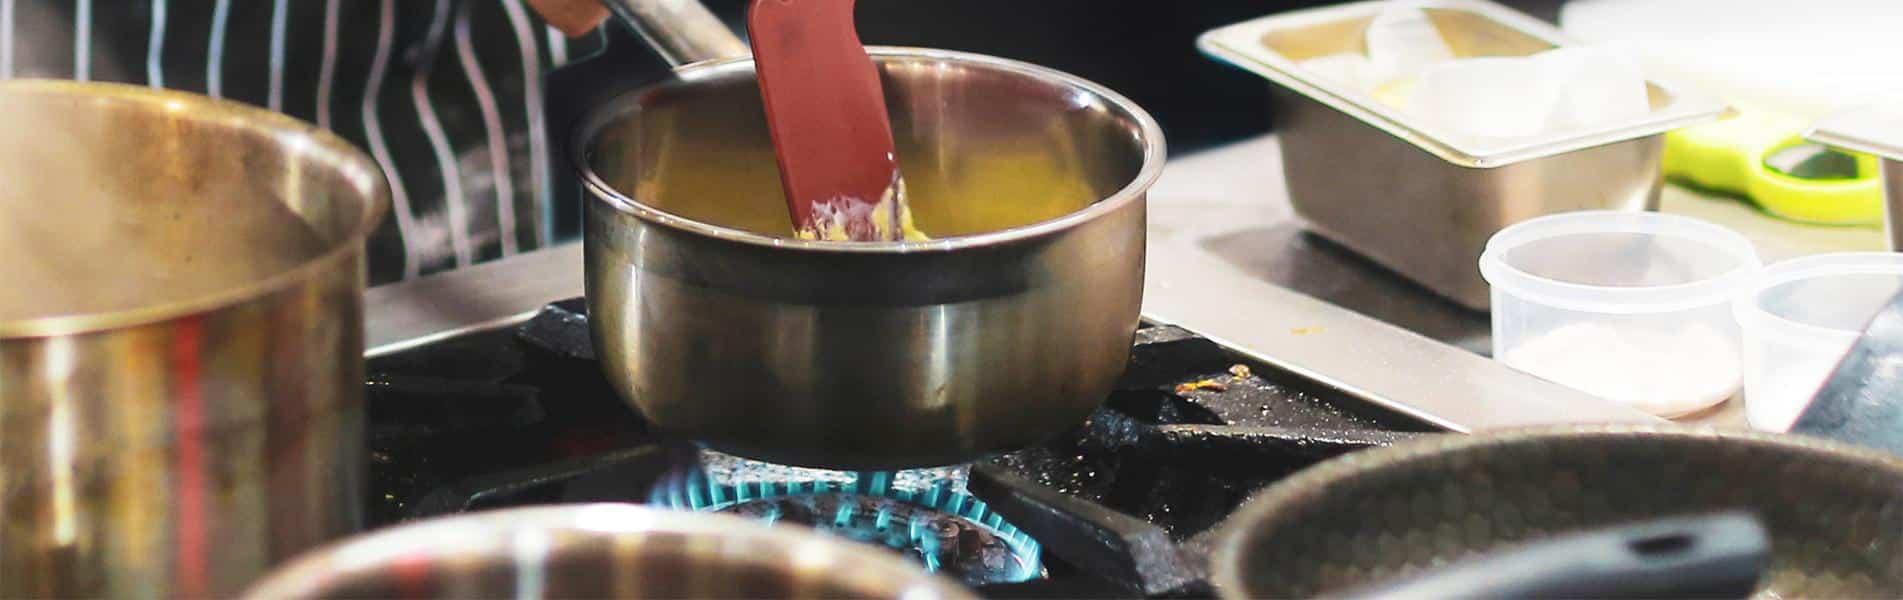 ΕΠΑΓΓΕΛΜΑΤΙΚΟ ΦΥΣΙΚΟ ΑΕΡΙΟ - Επαγγελματίας μάγειρας σε κουζίνα φυσικού αερίου